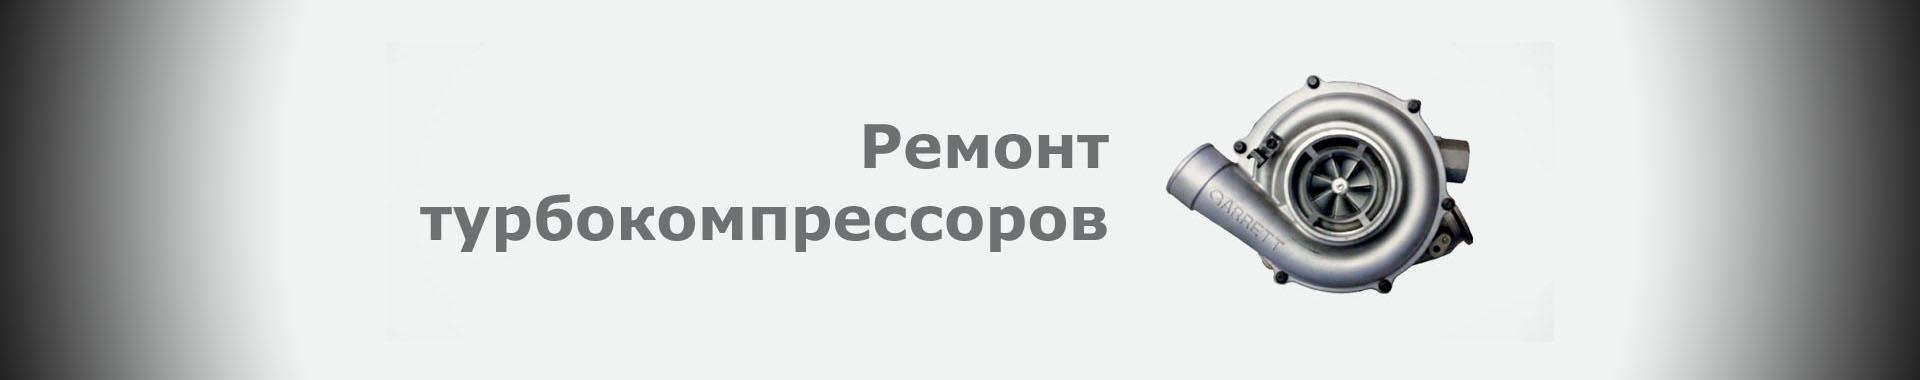 Ремонт турбокомпрессоров